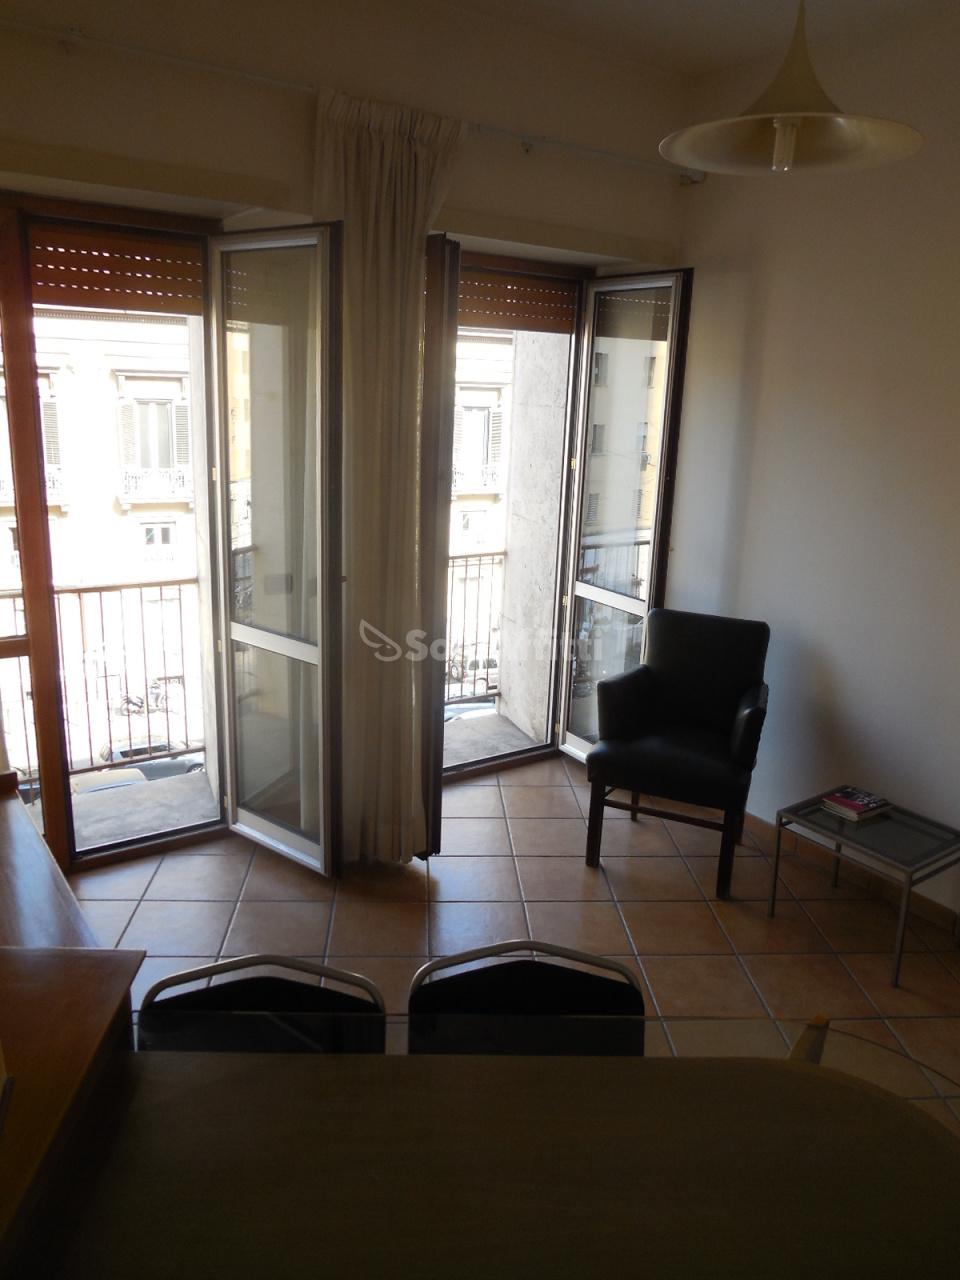 Ufficio - 1 locale a Porto, Napoli Rif. 8546406